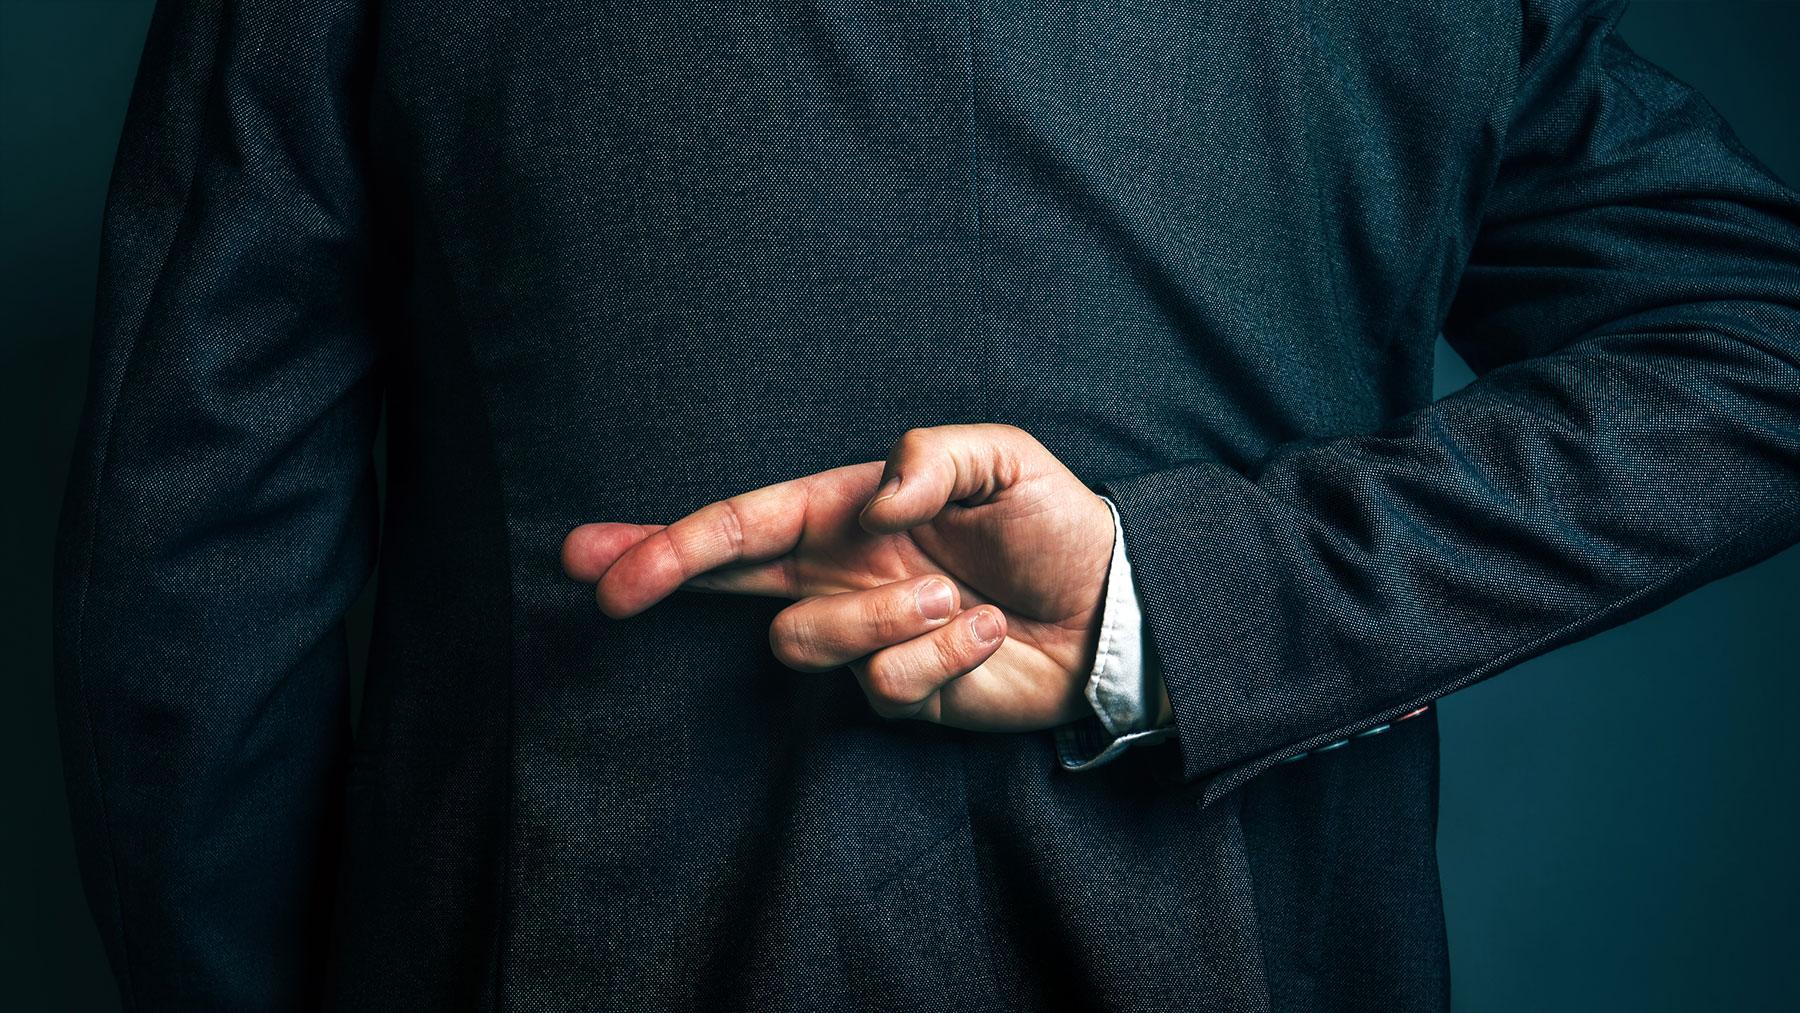 Foto van een persoon in kostuum die achter de rug zijn vingers gekruist houdt.